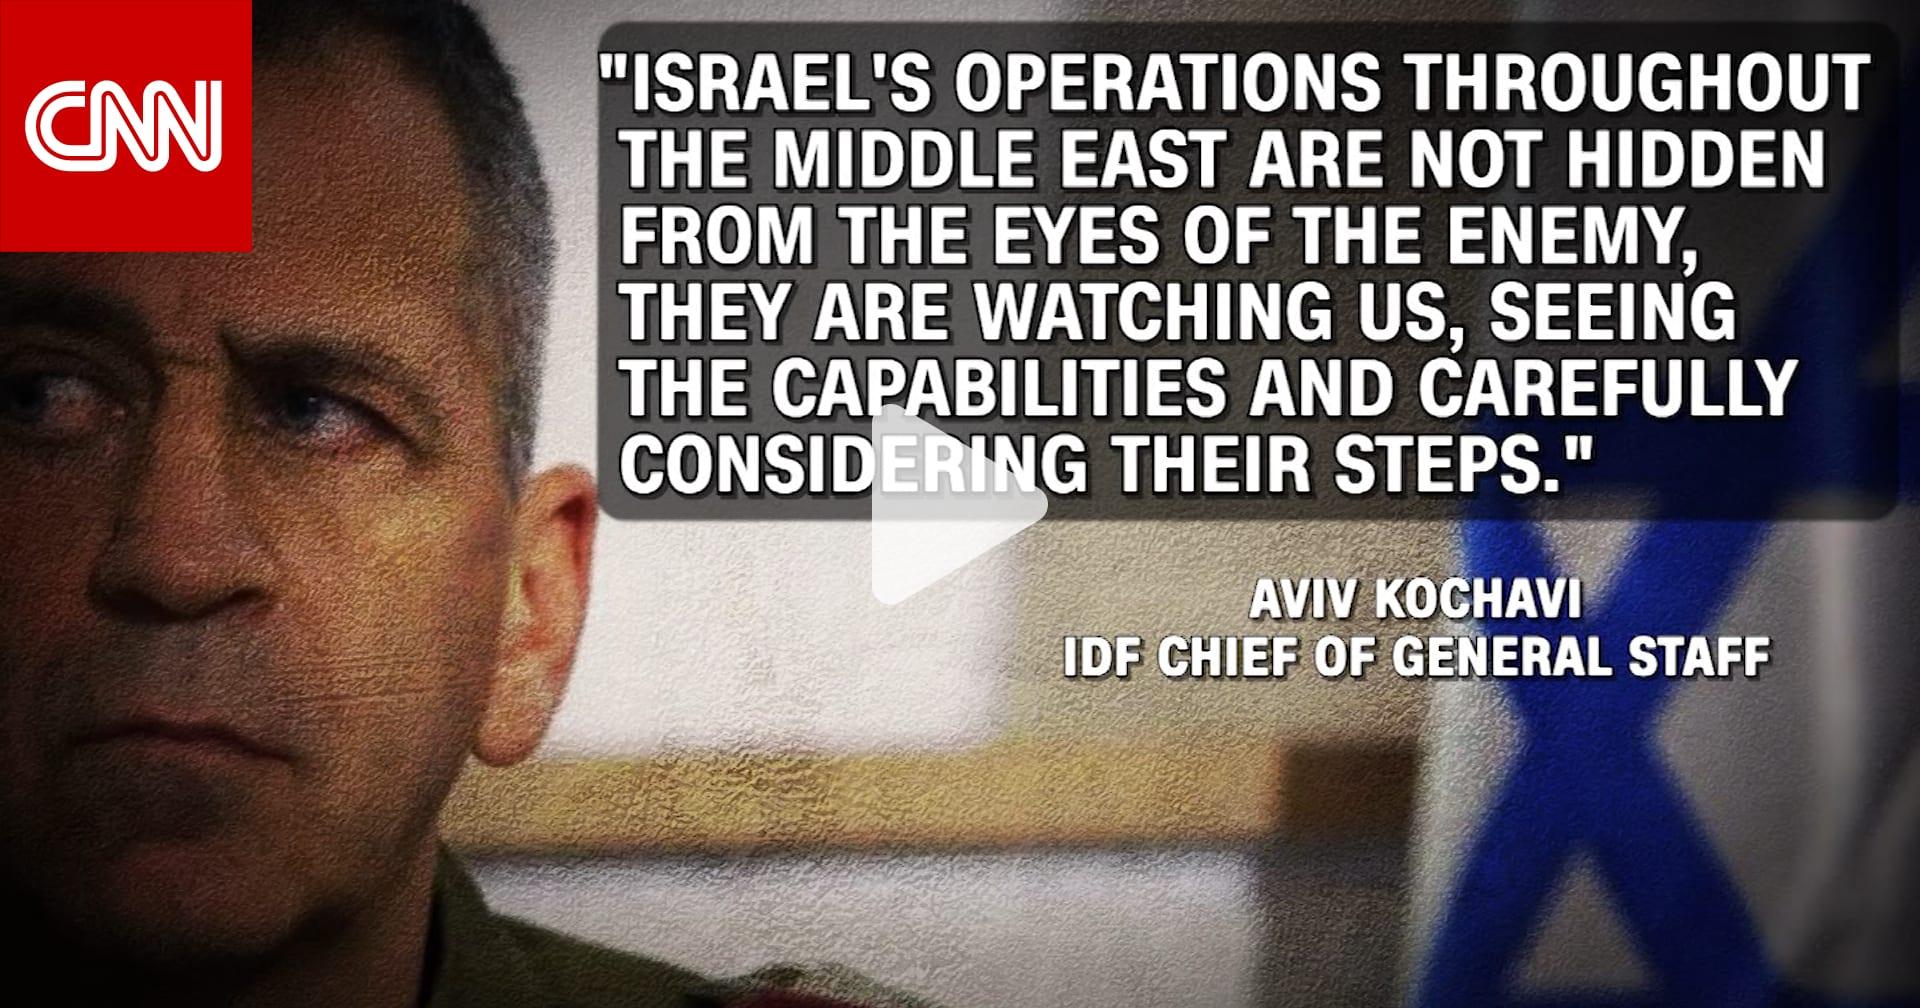 هل لمّح قائد جيش إسرائيل إلى دور محتمل لبلاده في استهداف مفاعل نطنز الإيراني؟